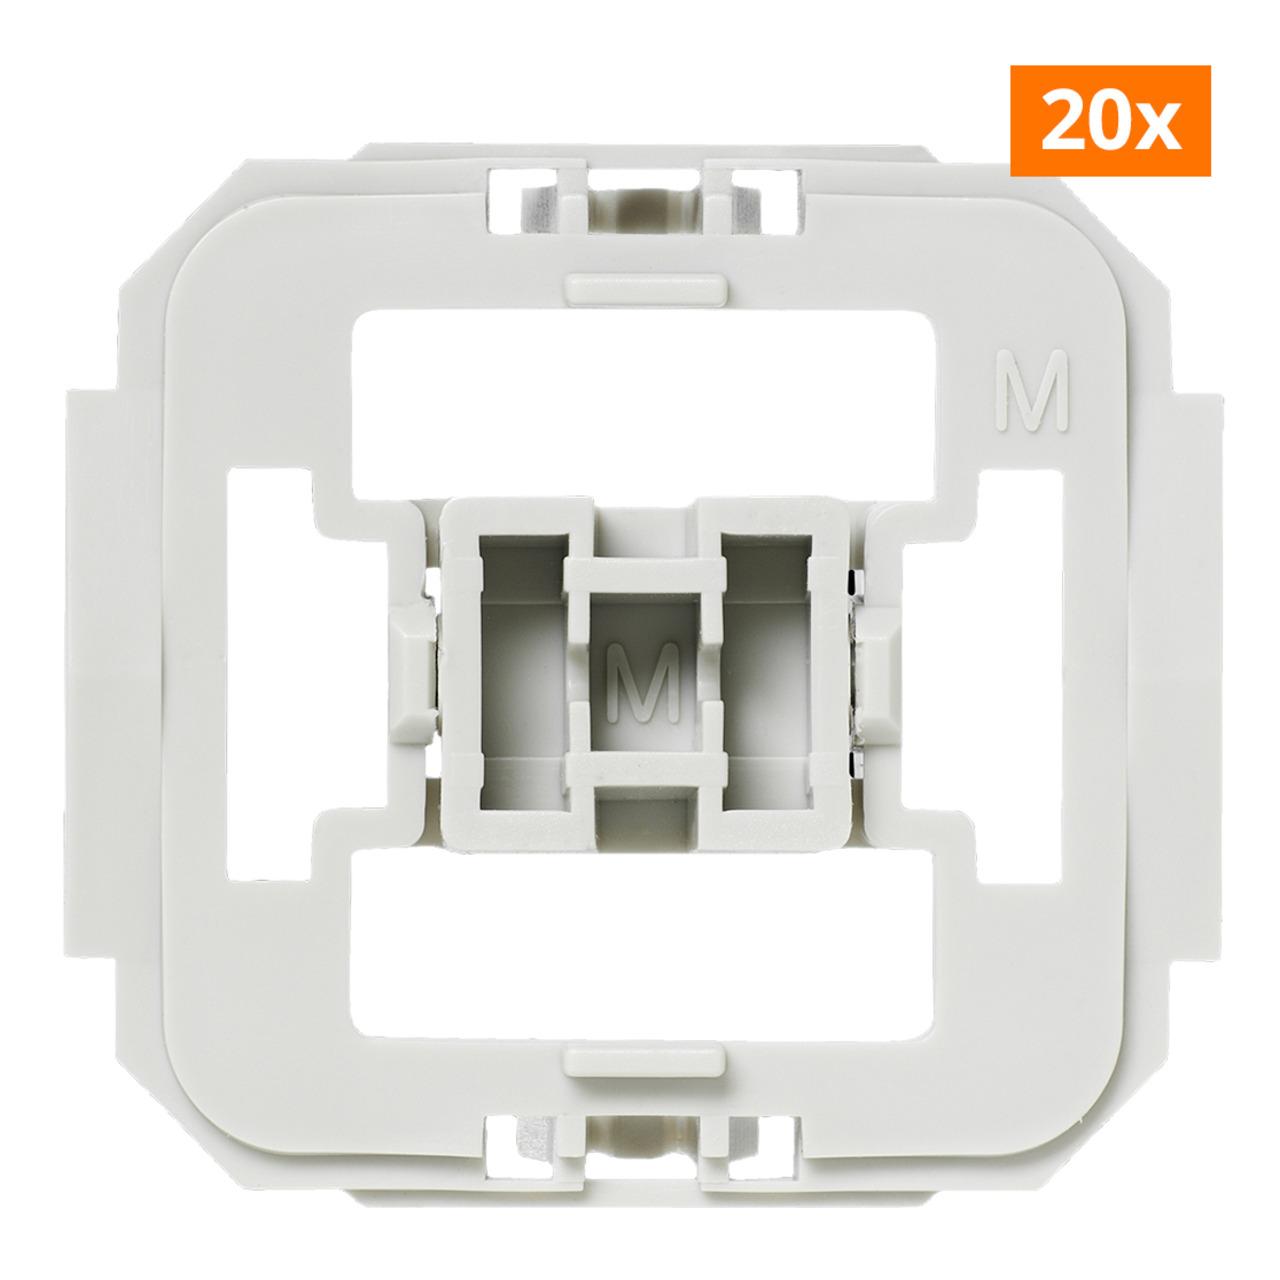 Installationsadapter für Merten-Schalter- 20er-Set für Smart Home - Hausautomation